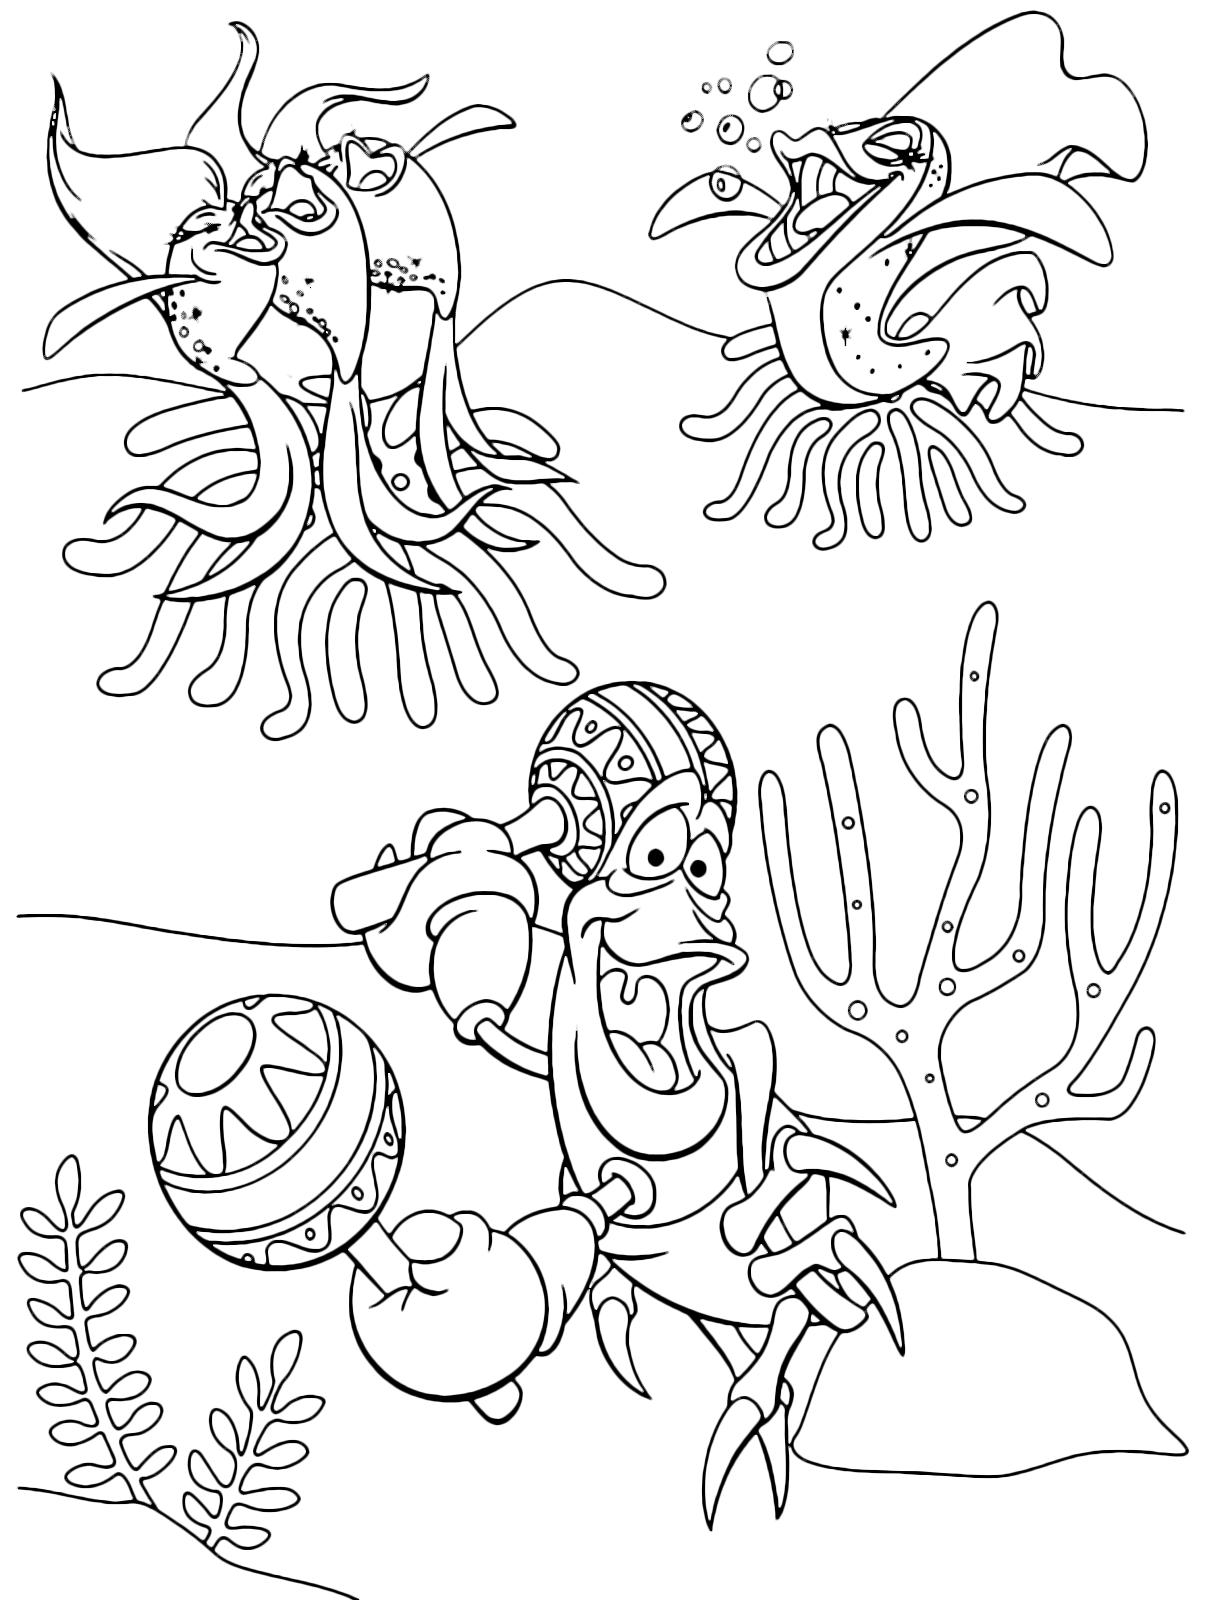 La sirenetta sebastian balla in fondo al mar con le maracas for La sirenetta da stampare